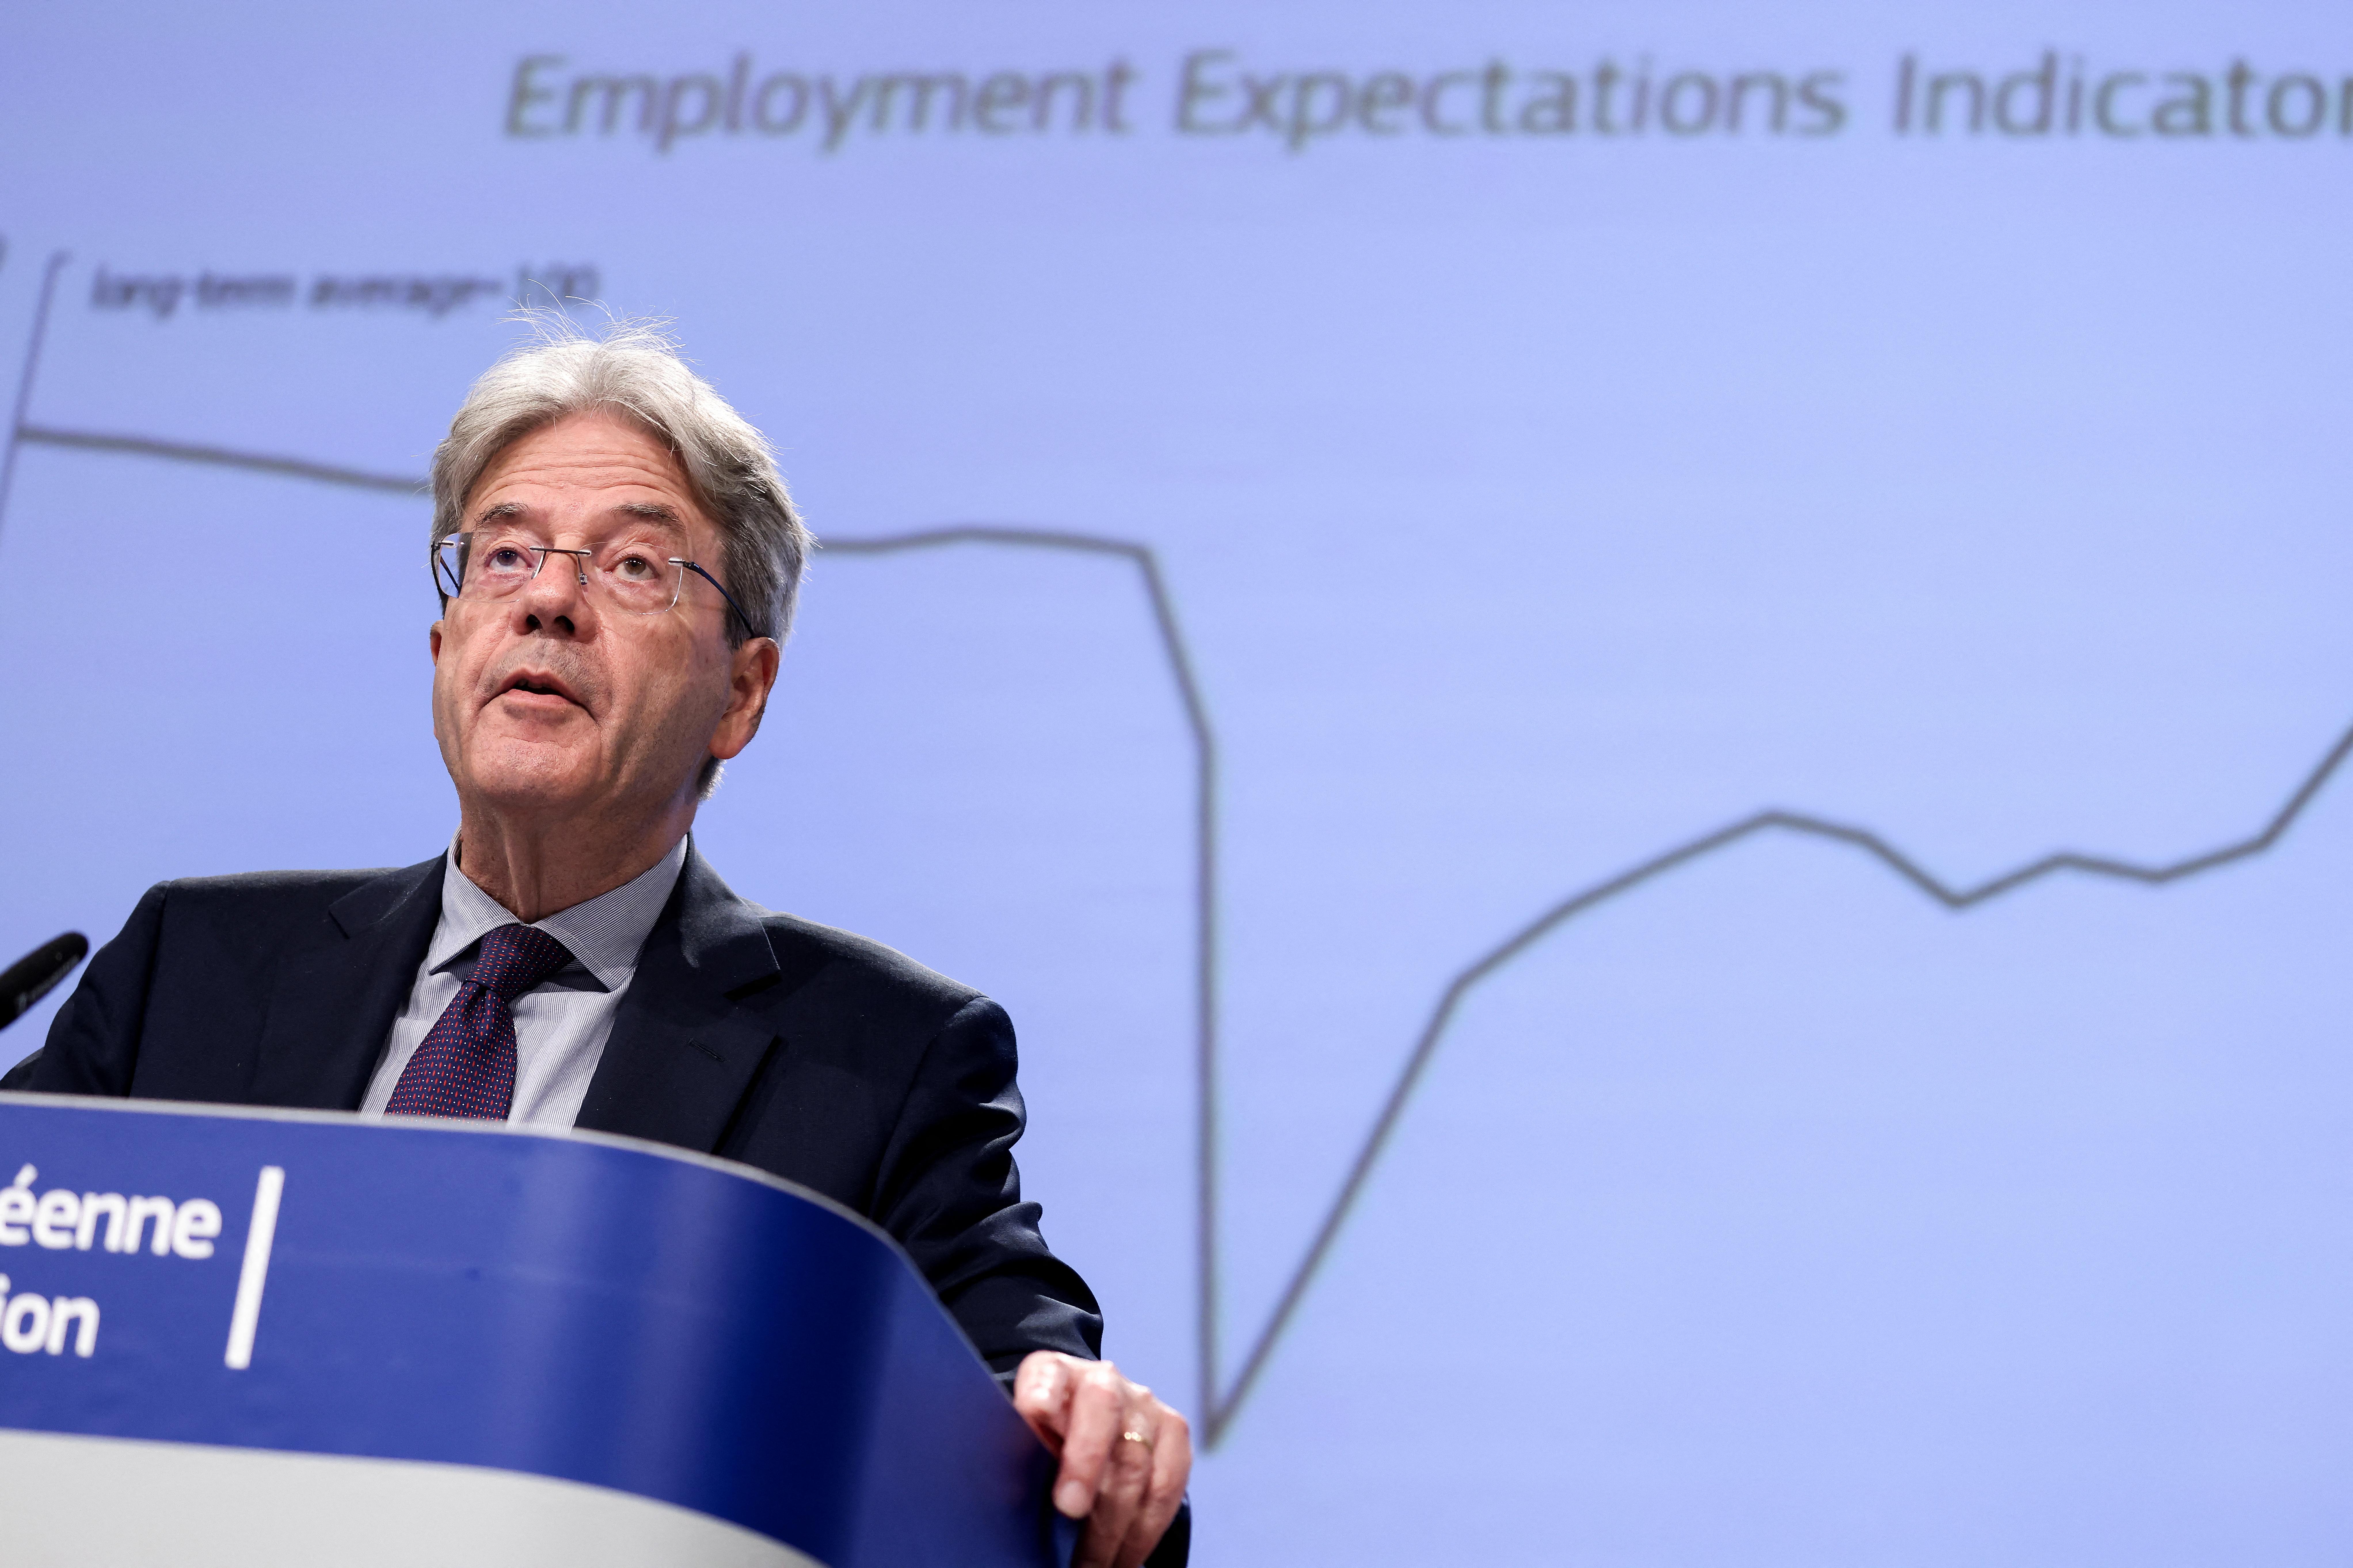 Európai Bizottság: A vártnál gyorsabban helyreállhat az európai gazdaság